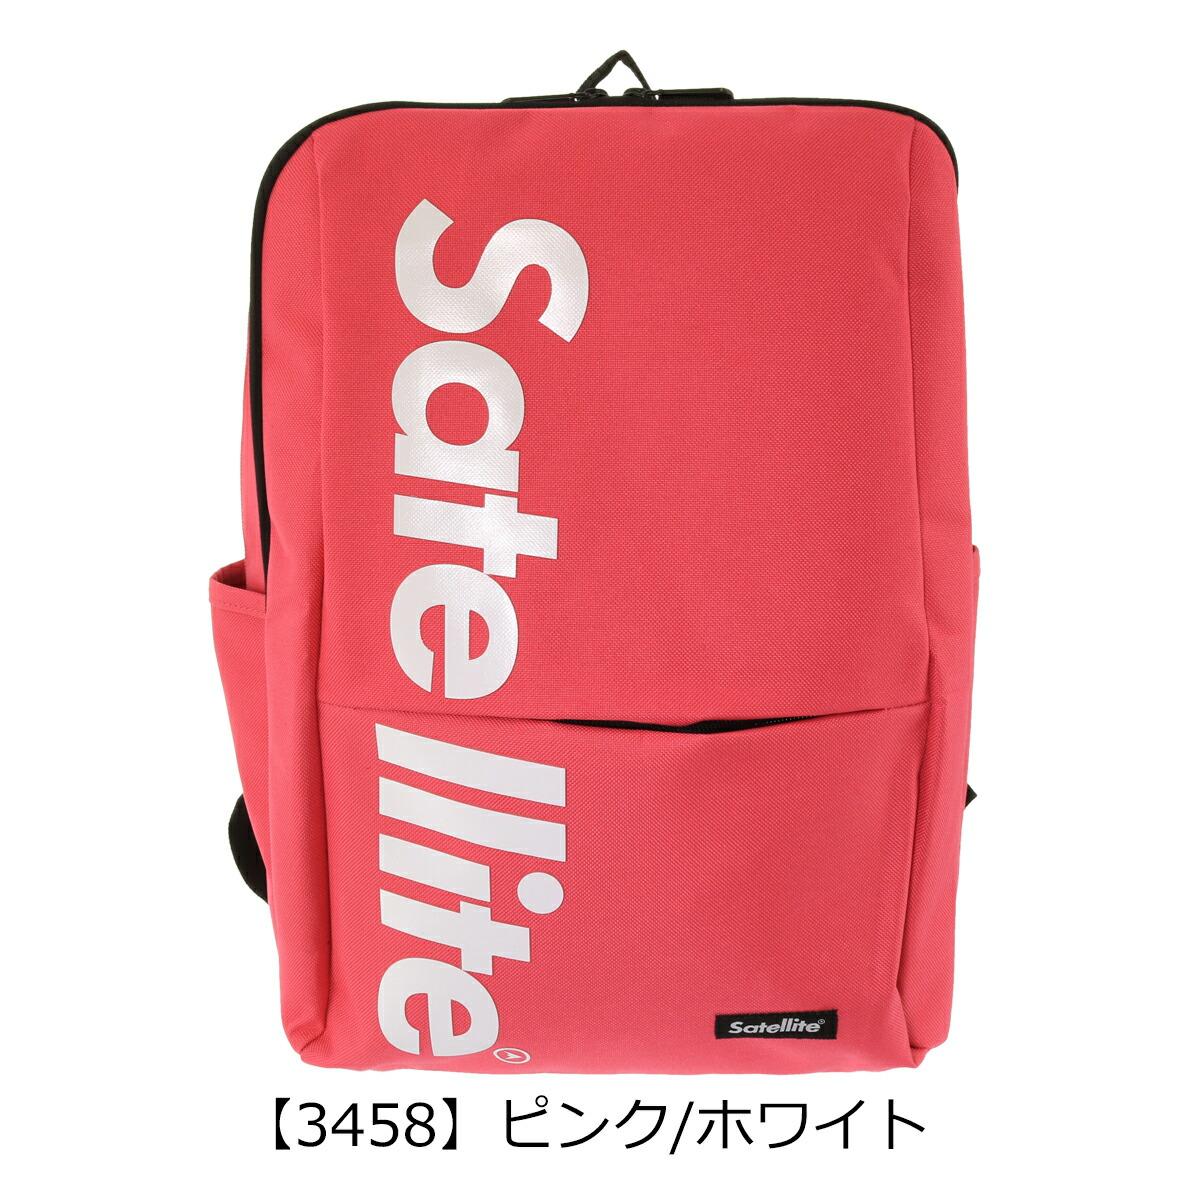 【3458】ピンク/ホワイト